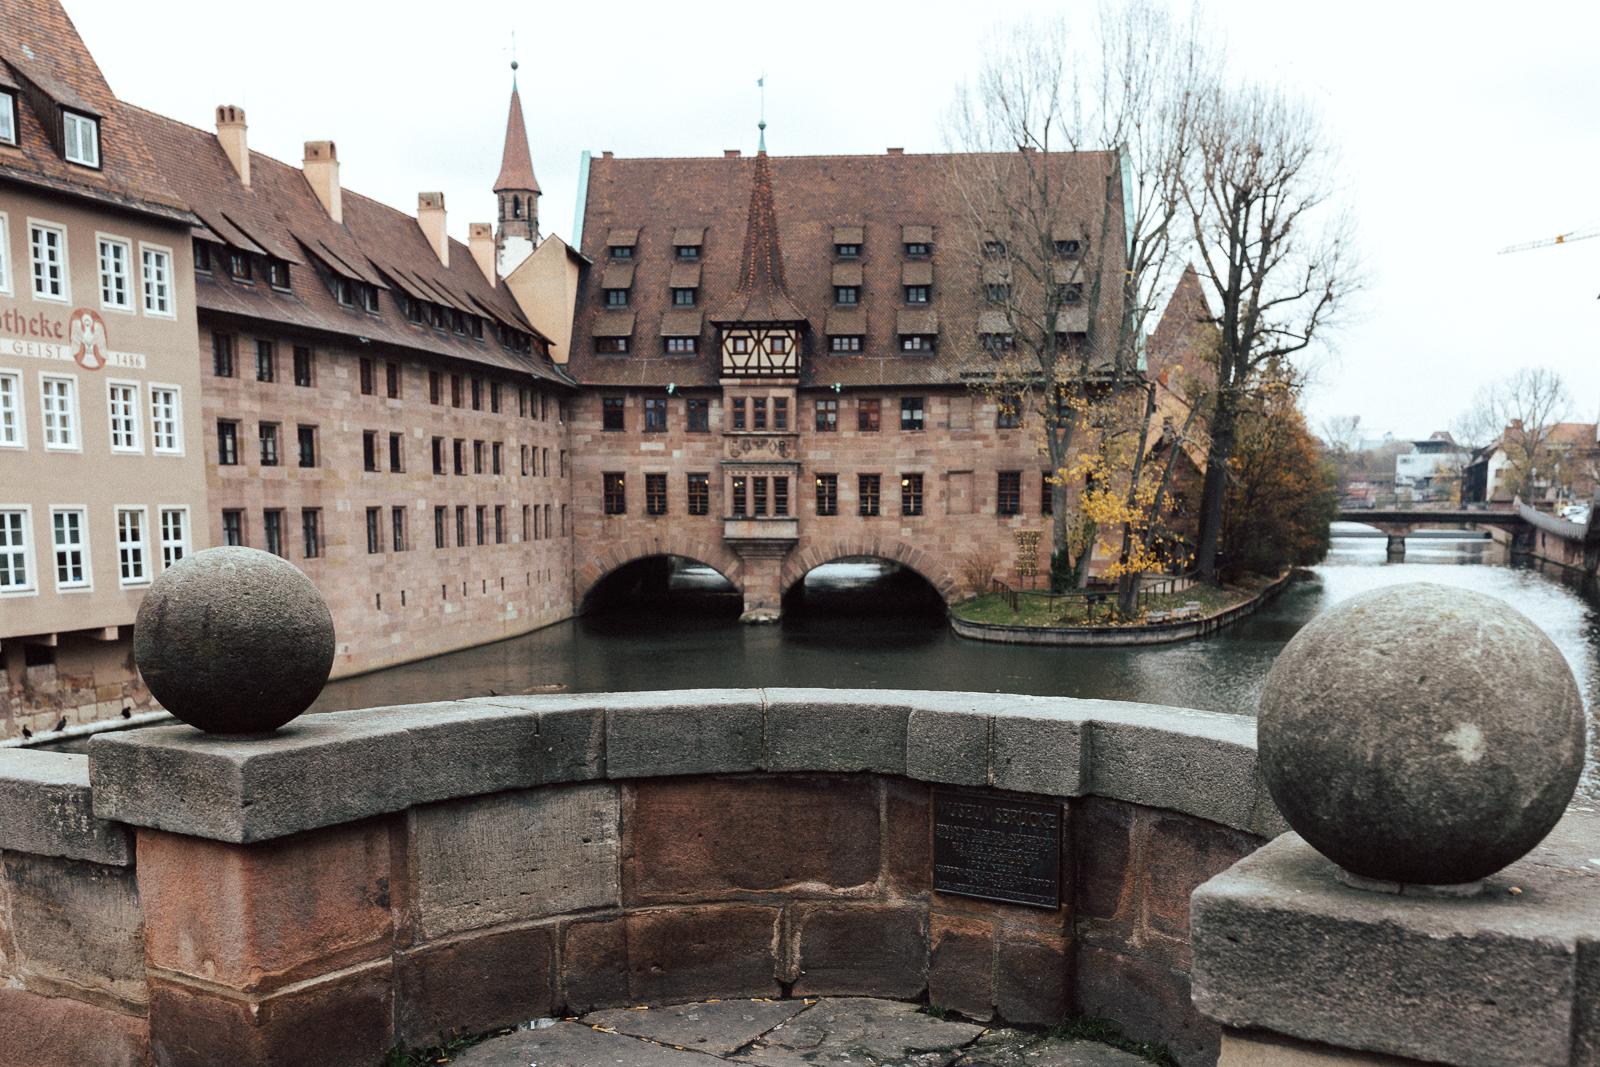 URBANERIE_Daniela_Goth_Fotografin_Nürnberg_Fürth_Erlangen_Schwabach_171110_001_0069